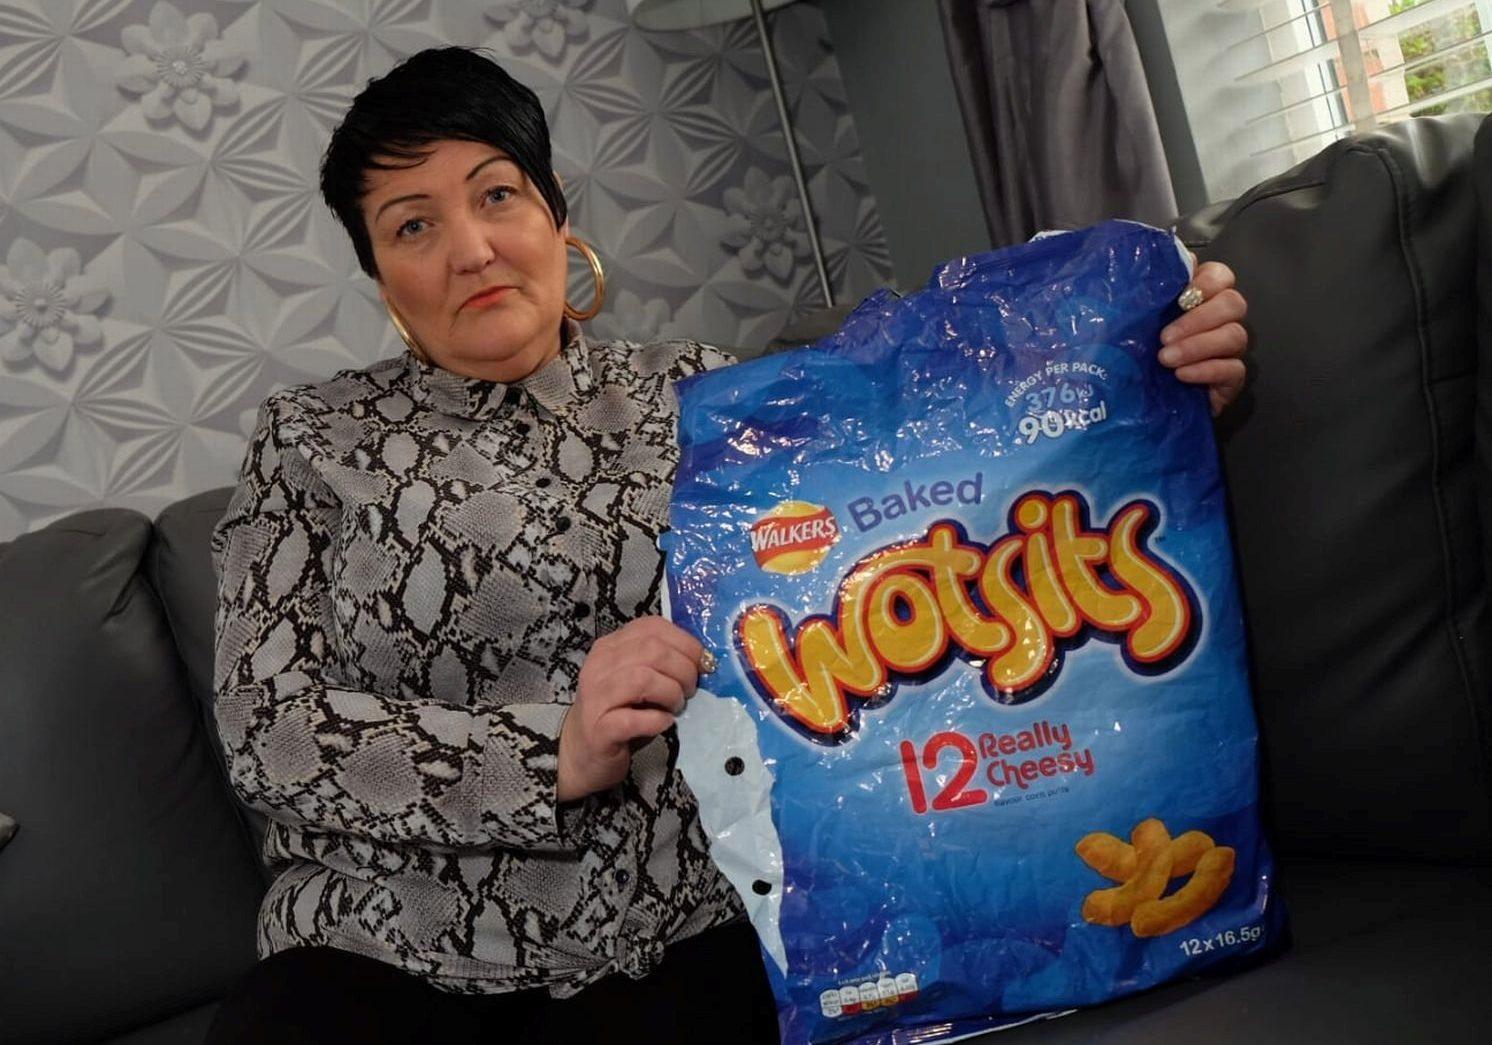 Grandma cheesed off after nearly choking on Wotsit